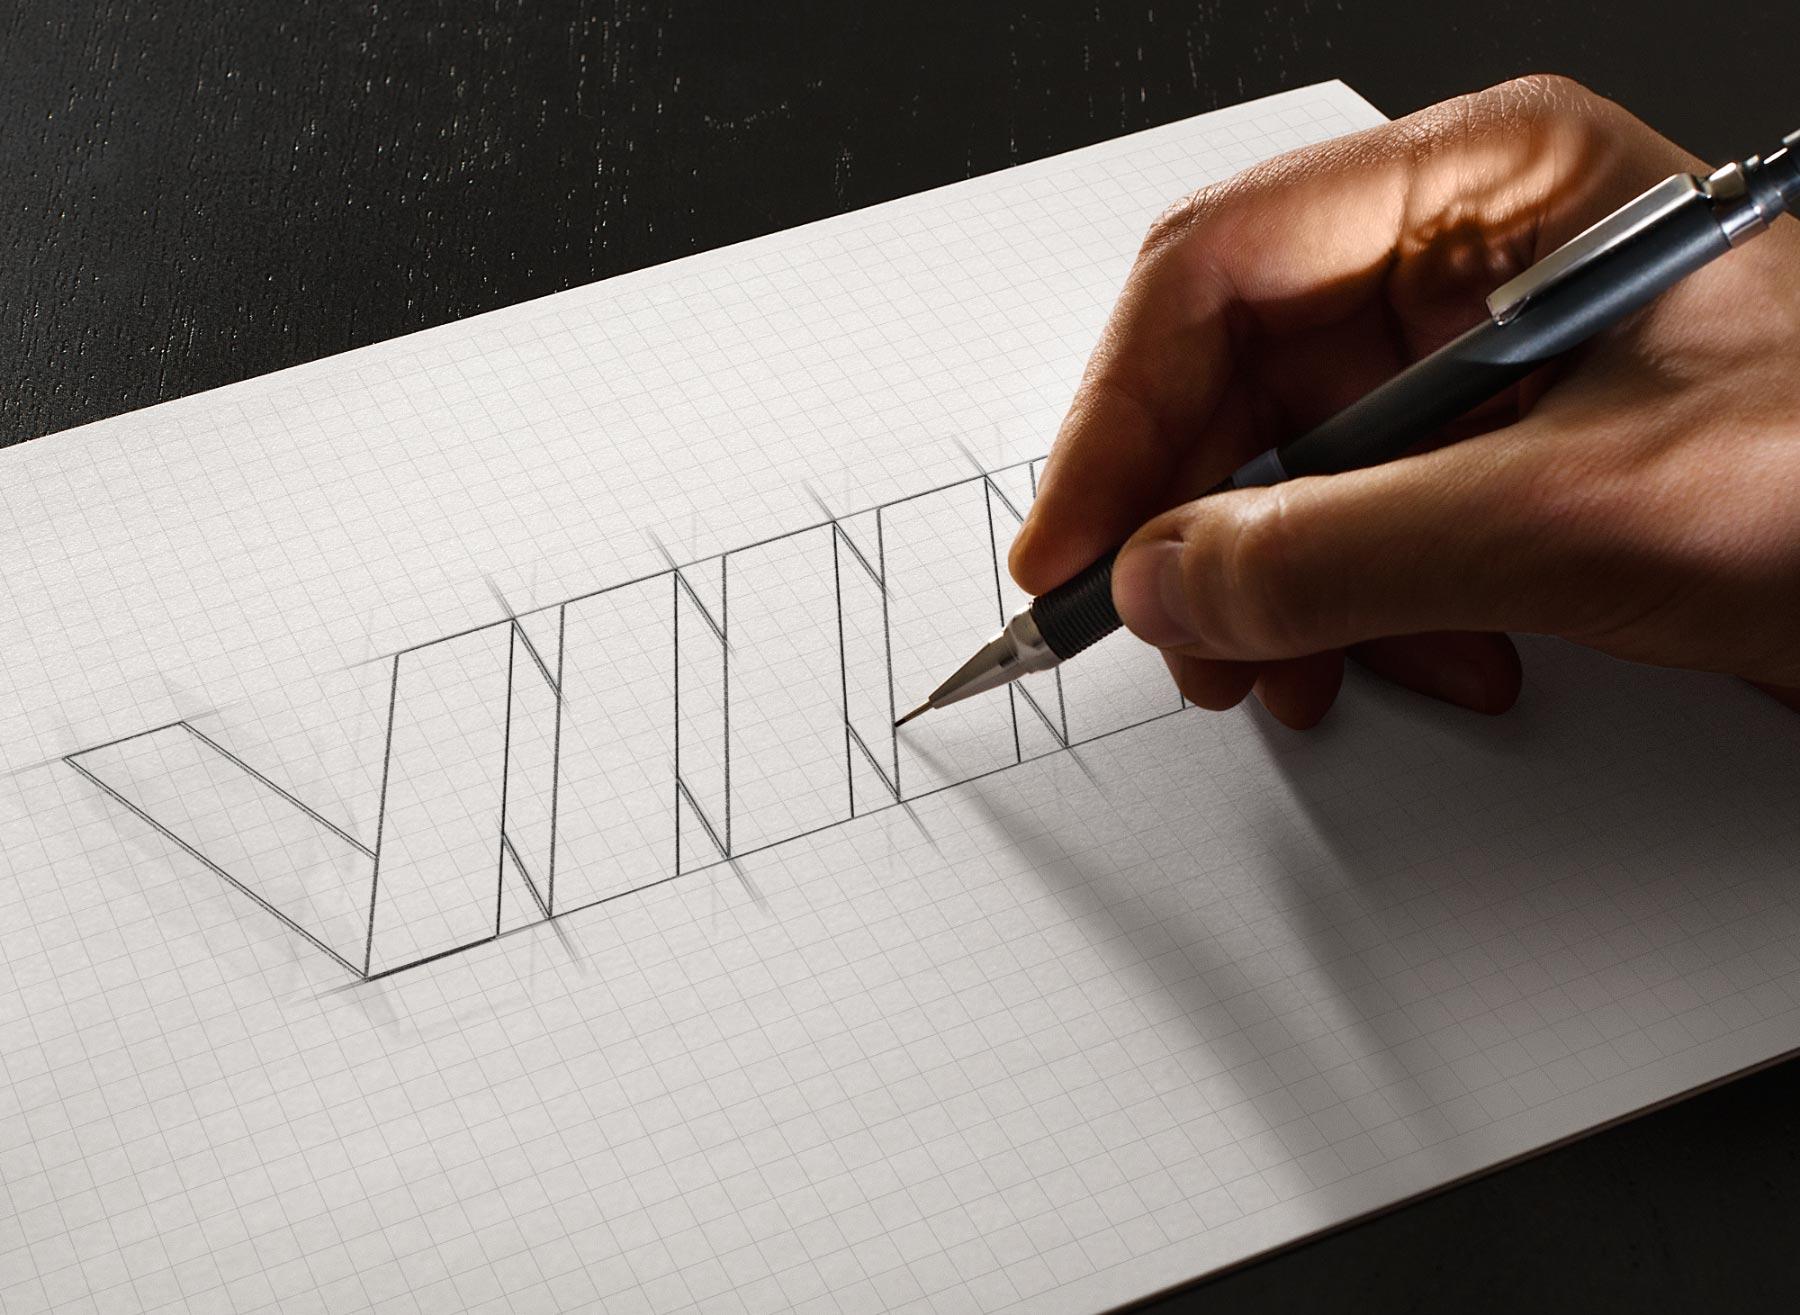 dessin de logo en crayon de papier